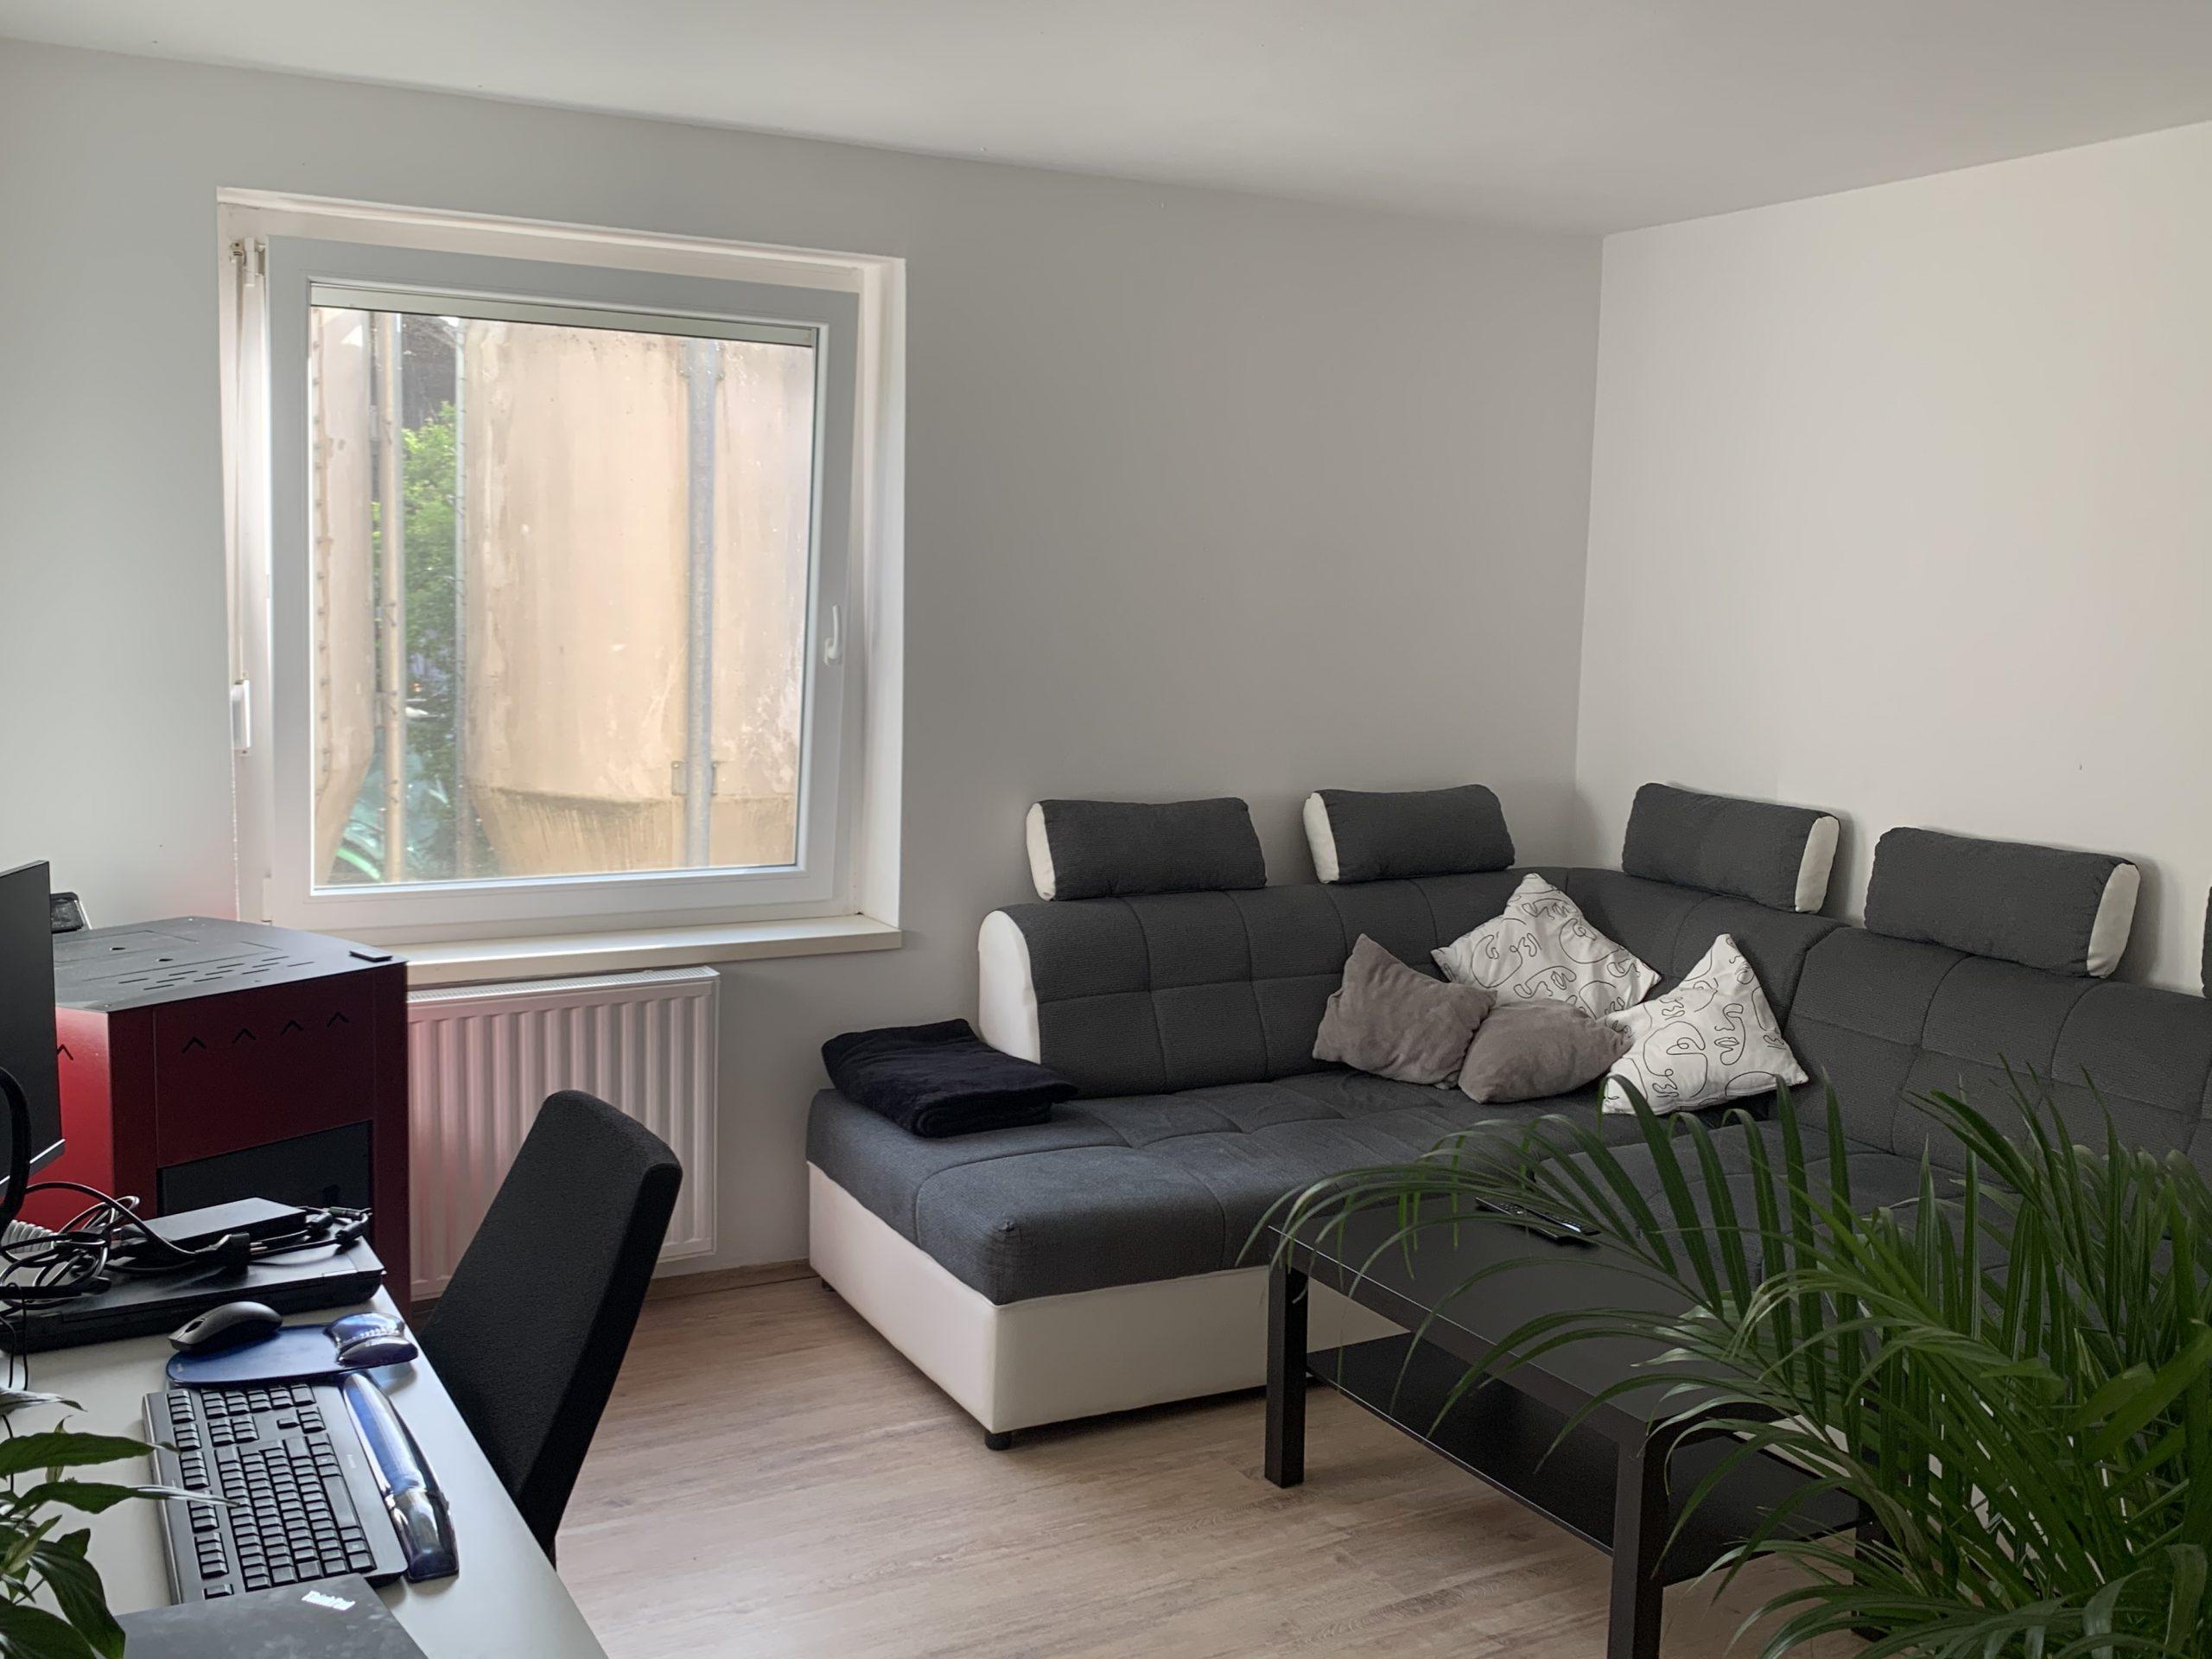 Dnevna soba - stanovanje Hraše